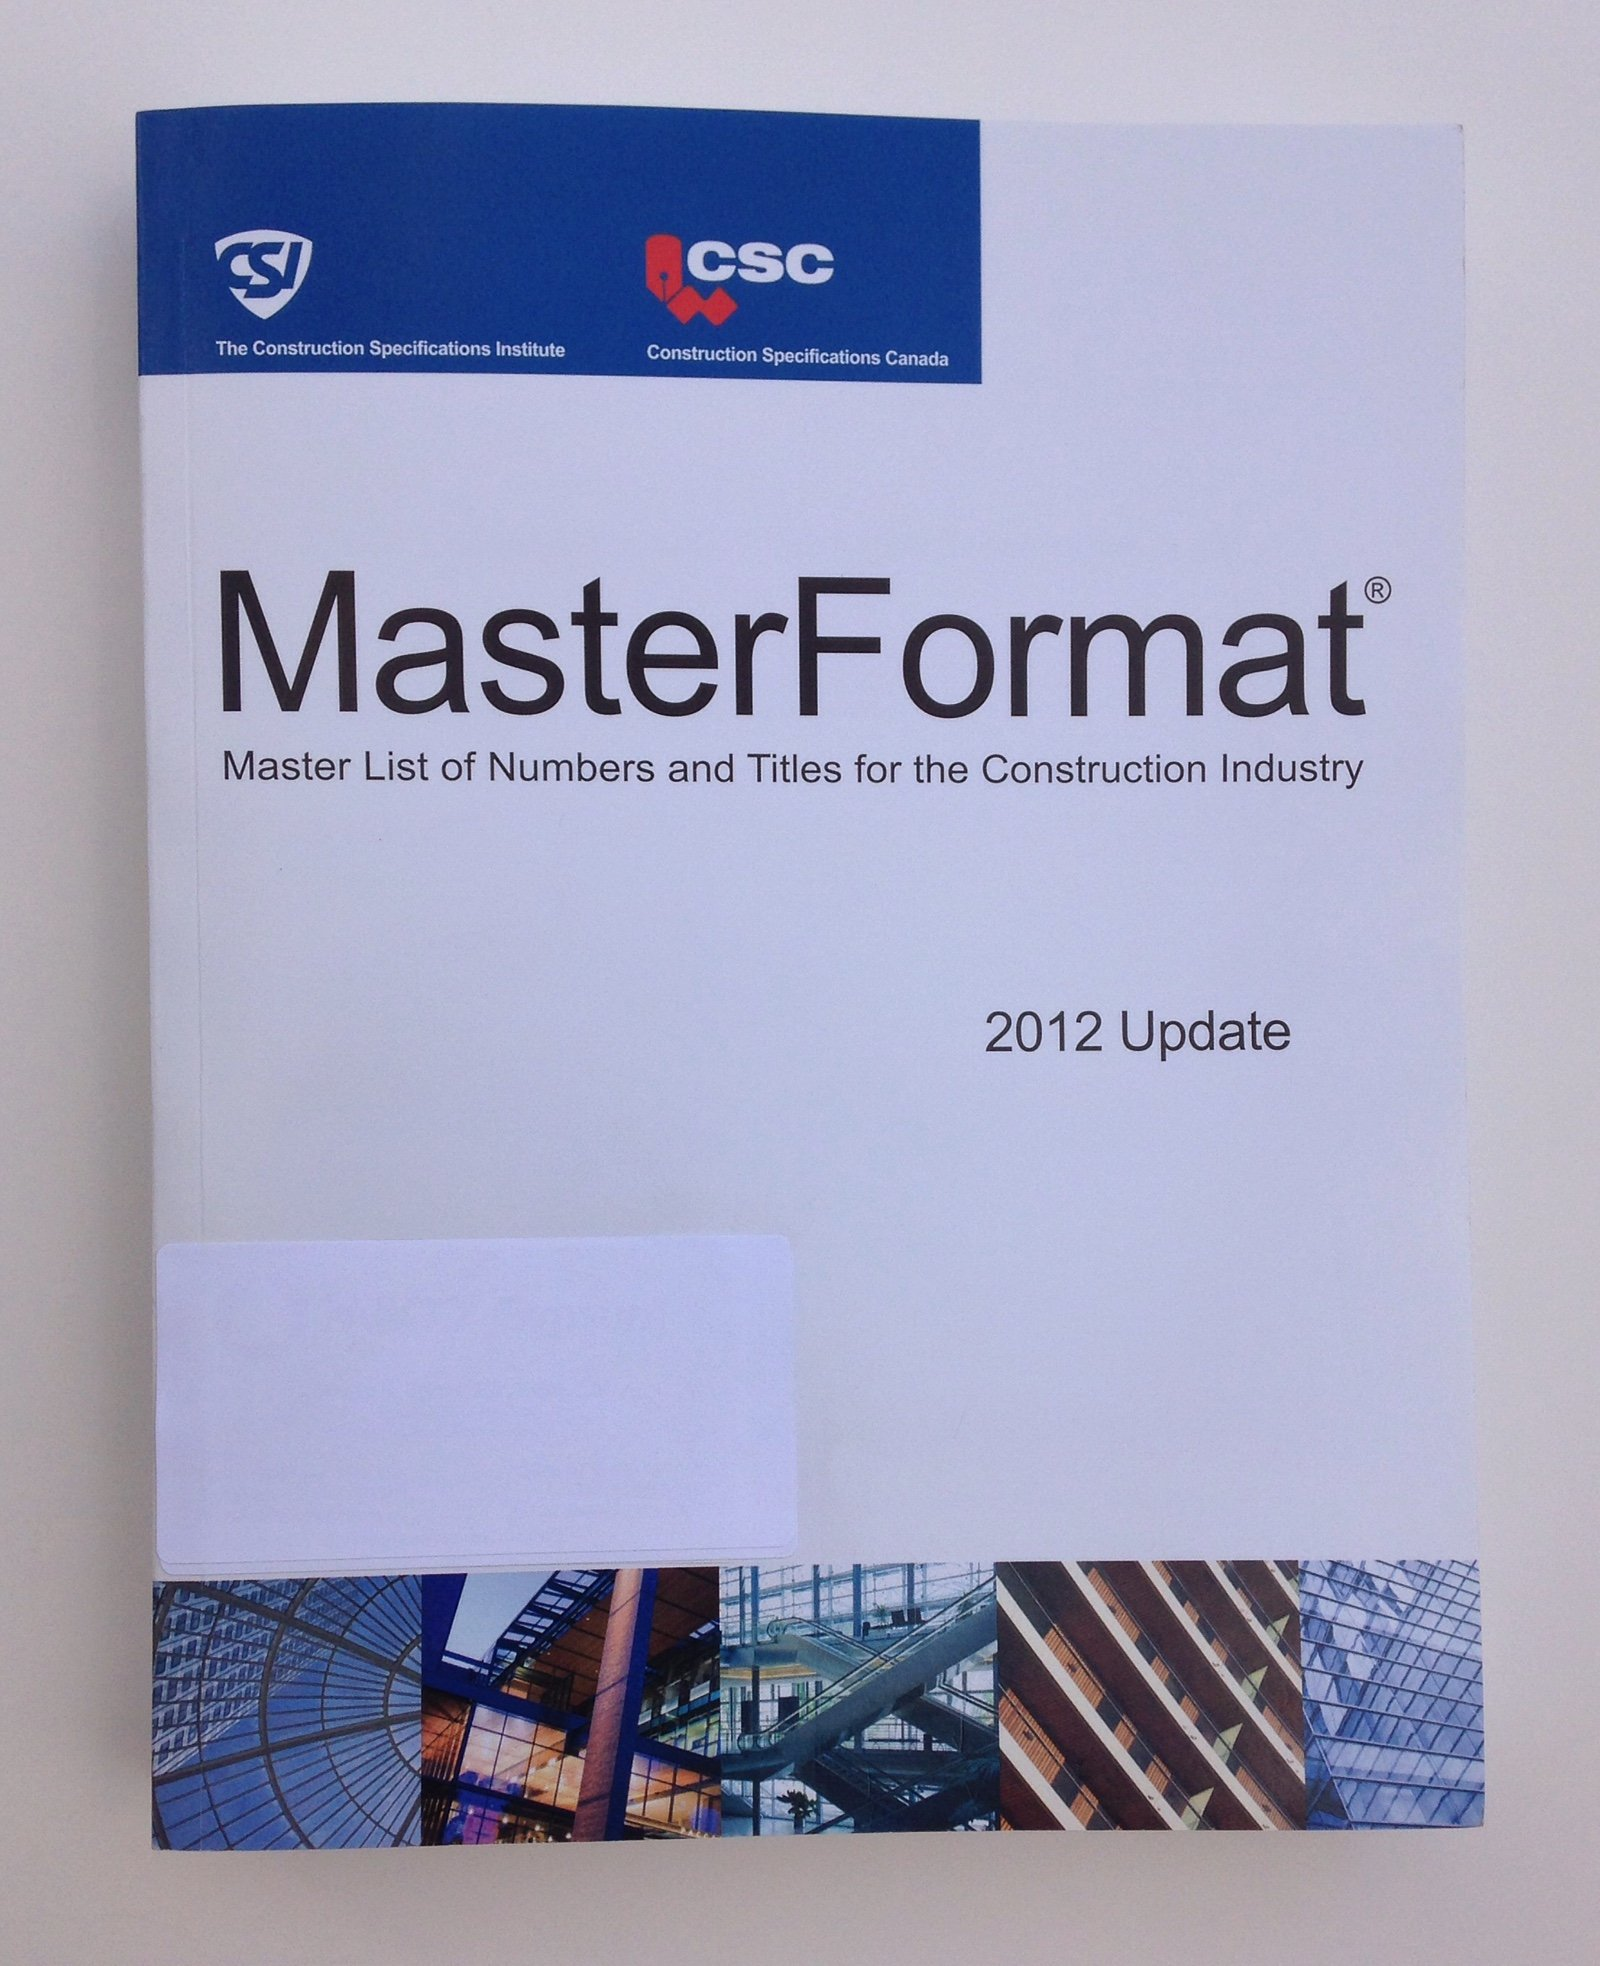 Masterformat 2012: CSI/CSC: 9780984535743: Amazon com: Books